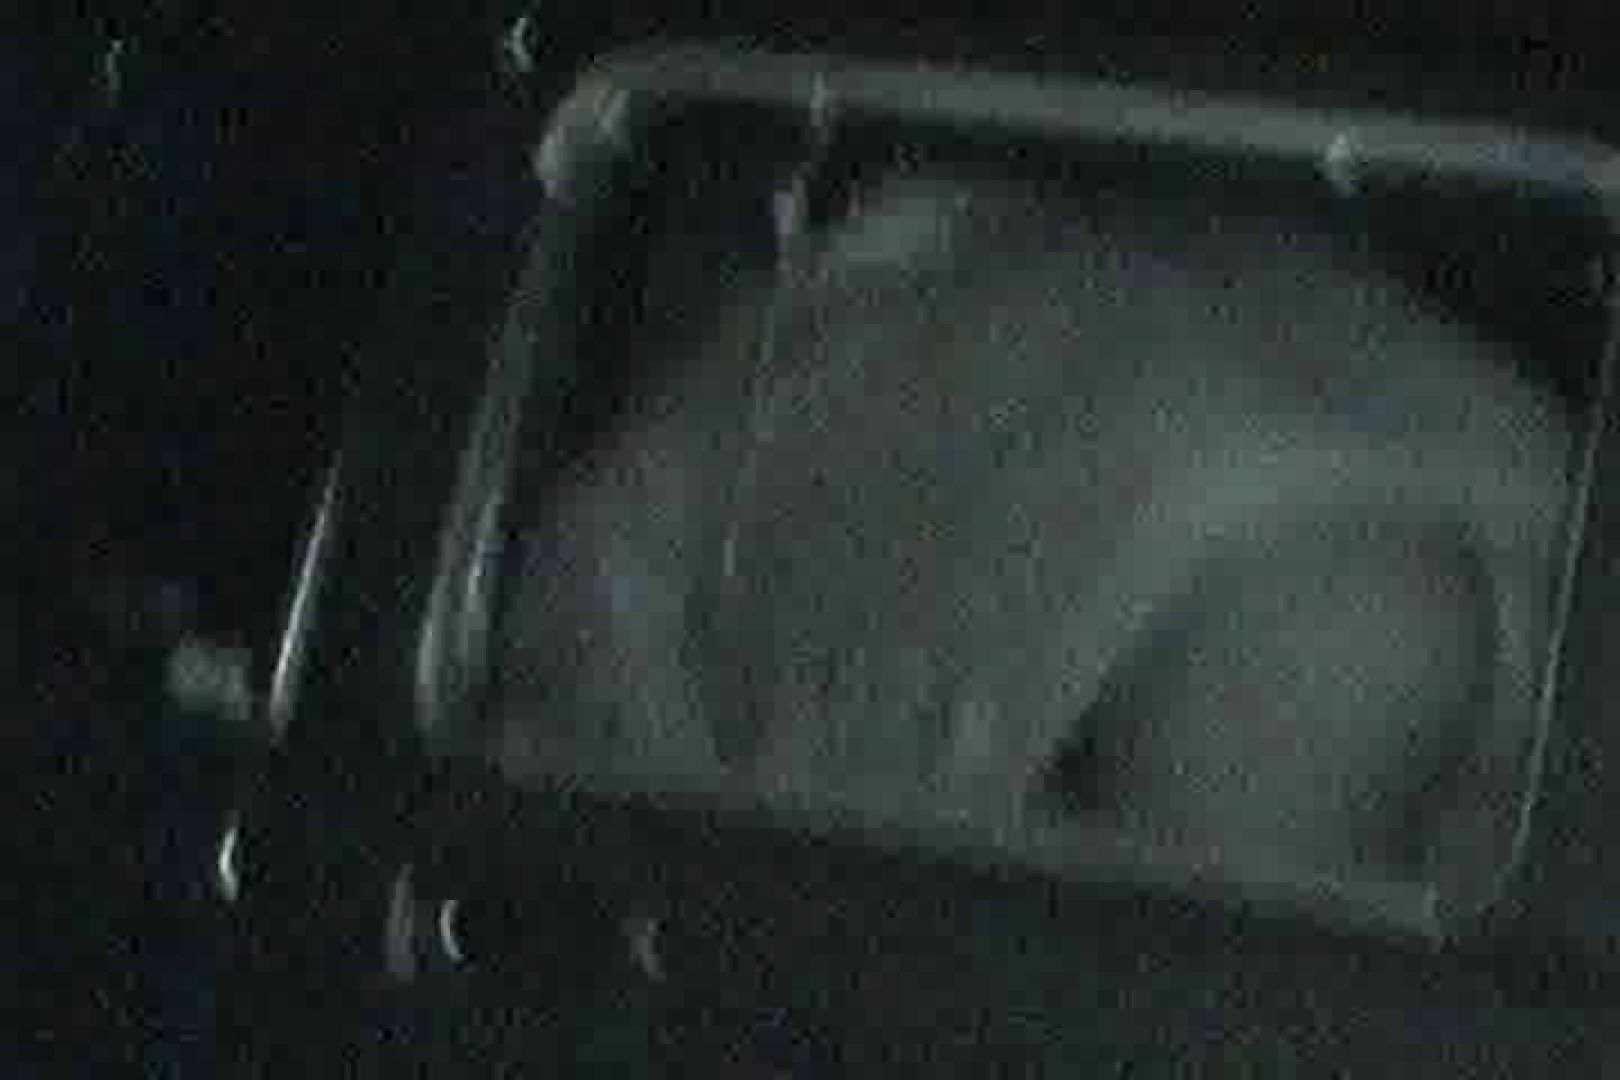 充血監督の深夜の運動会Vol.102 OLエロ画像 盗撮AV動画キャプチャ 95PICs 58